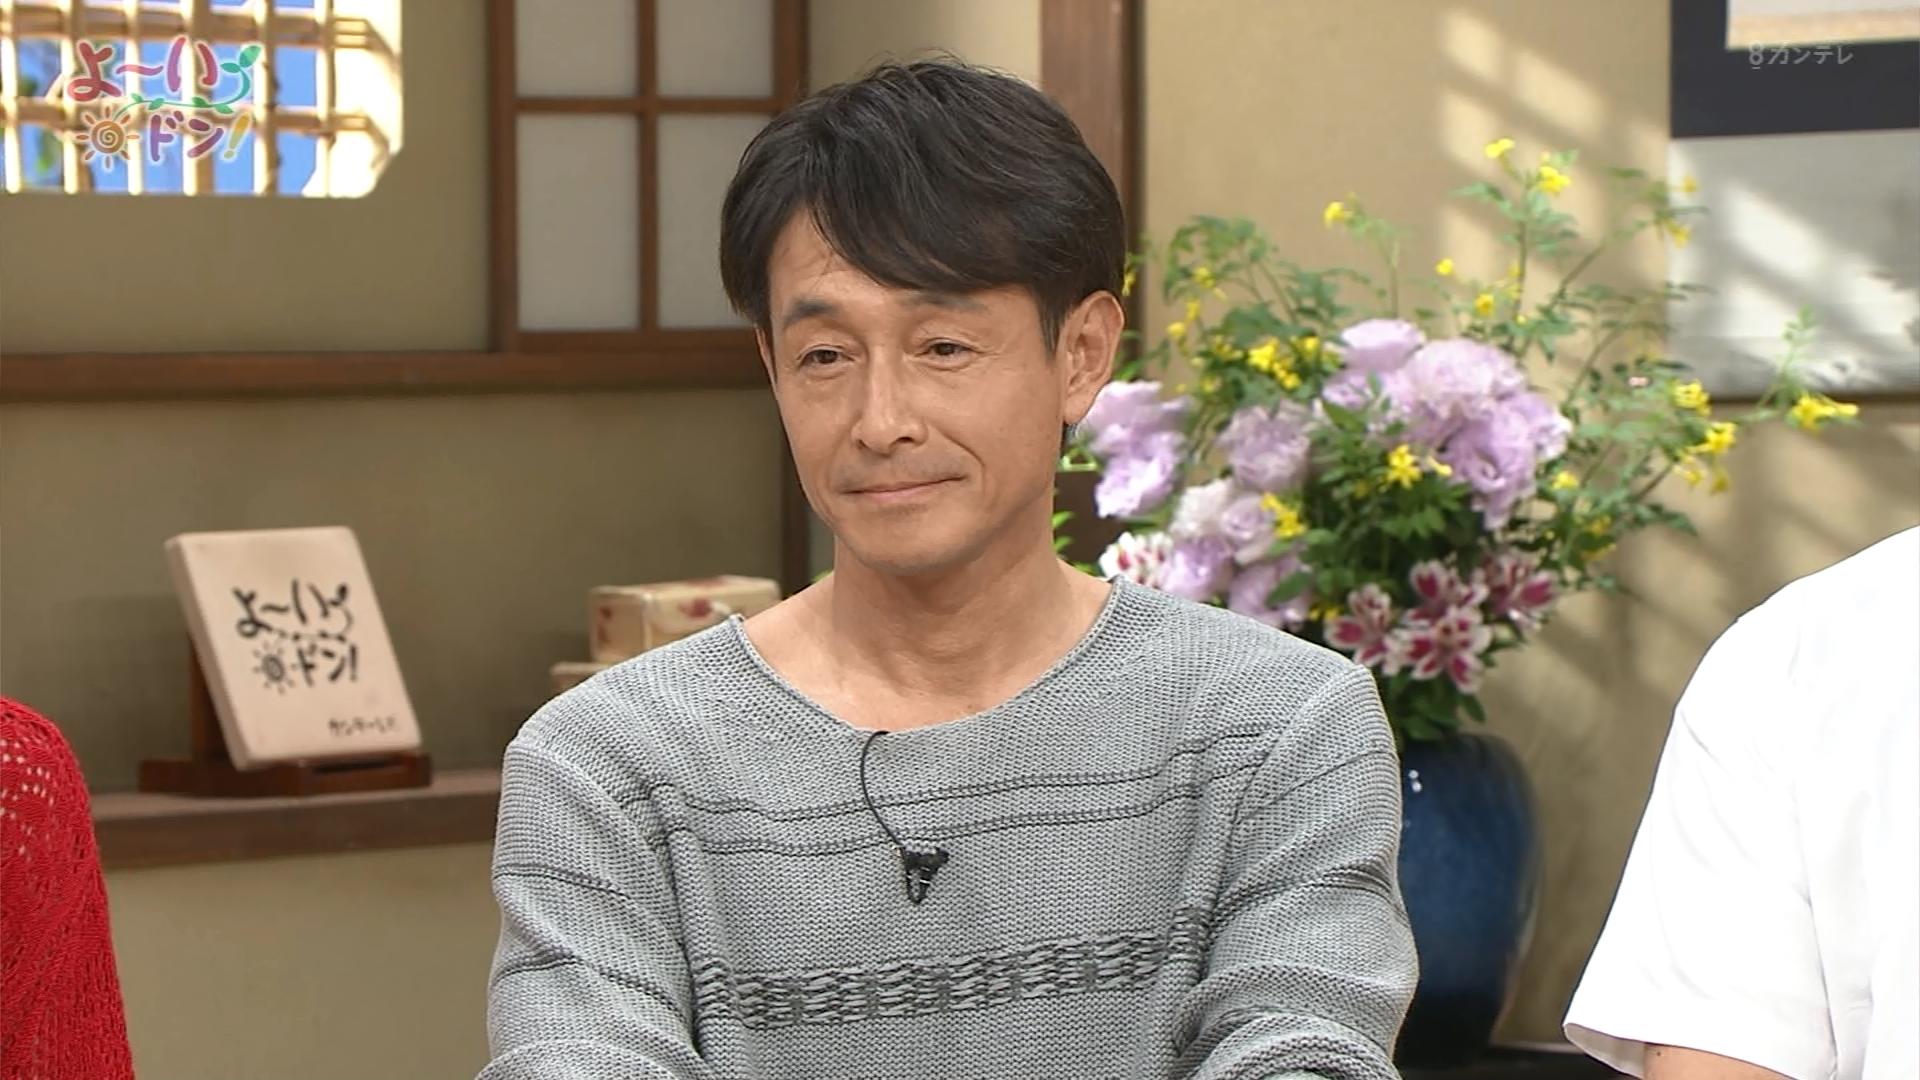 グレーニットの吉田栄作